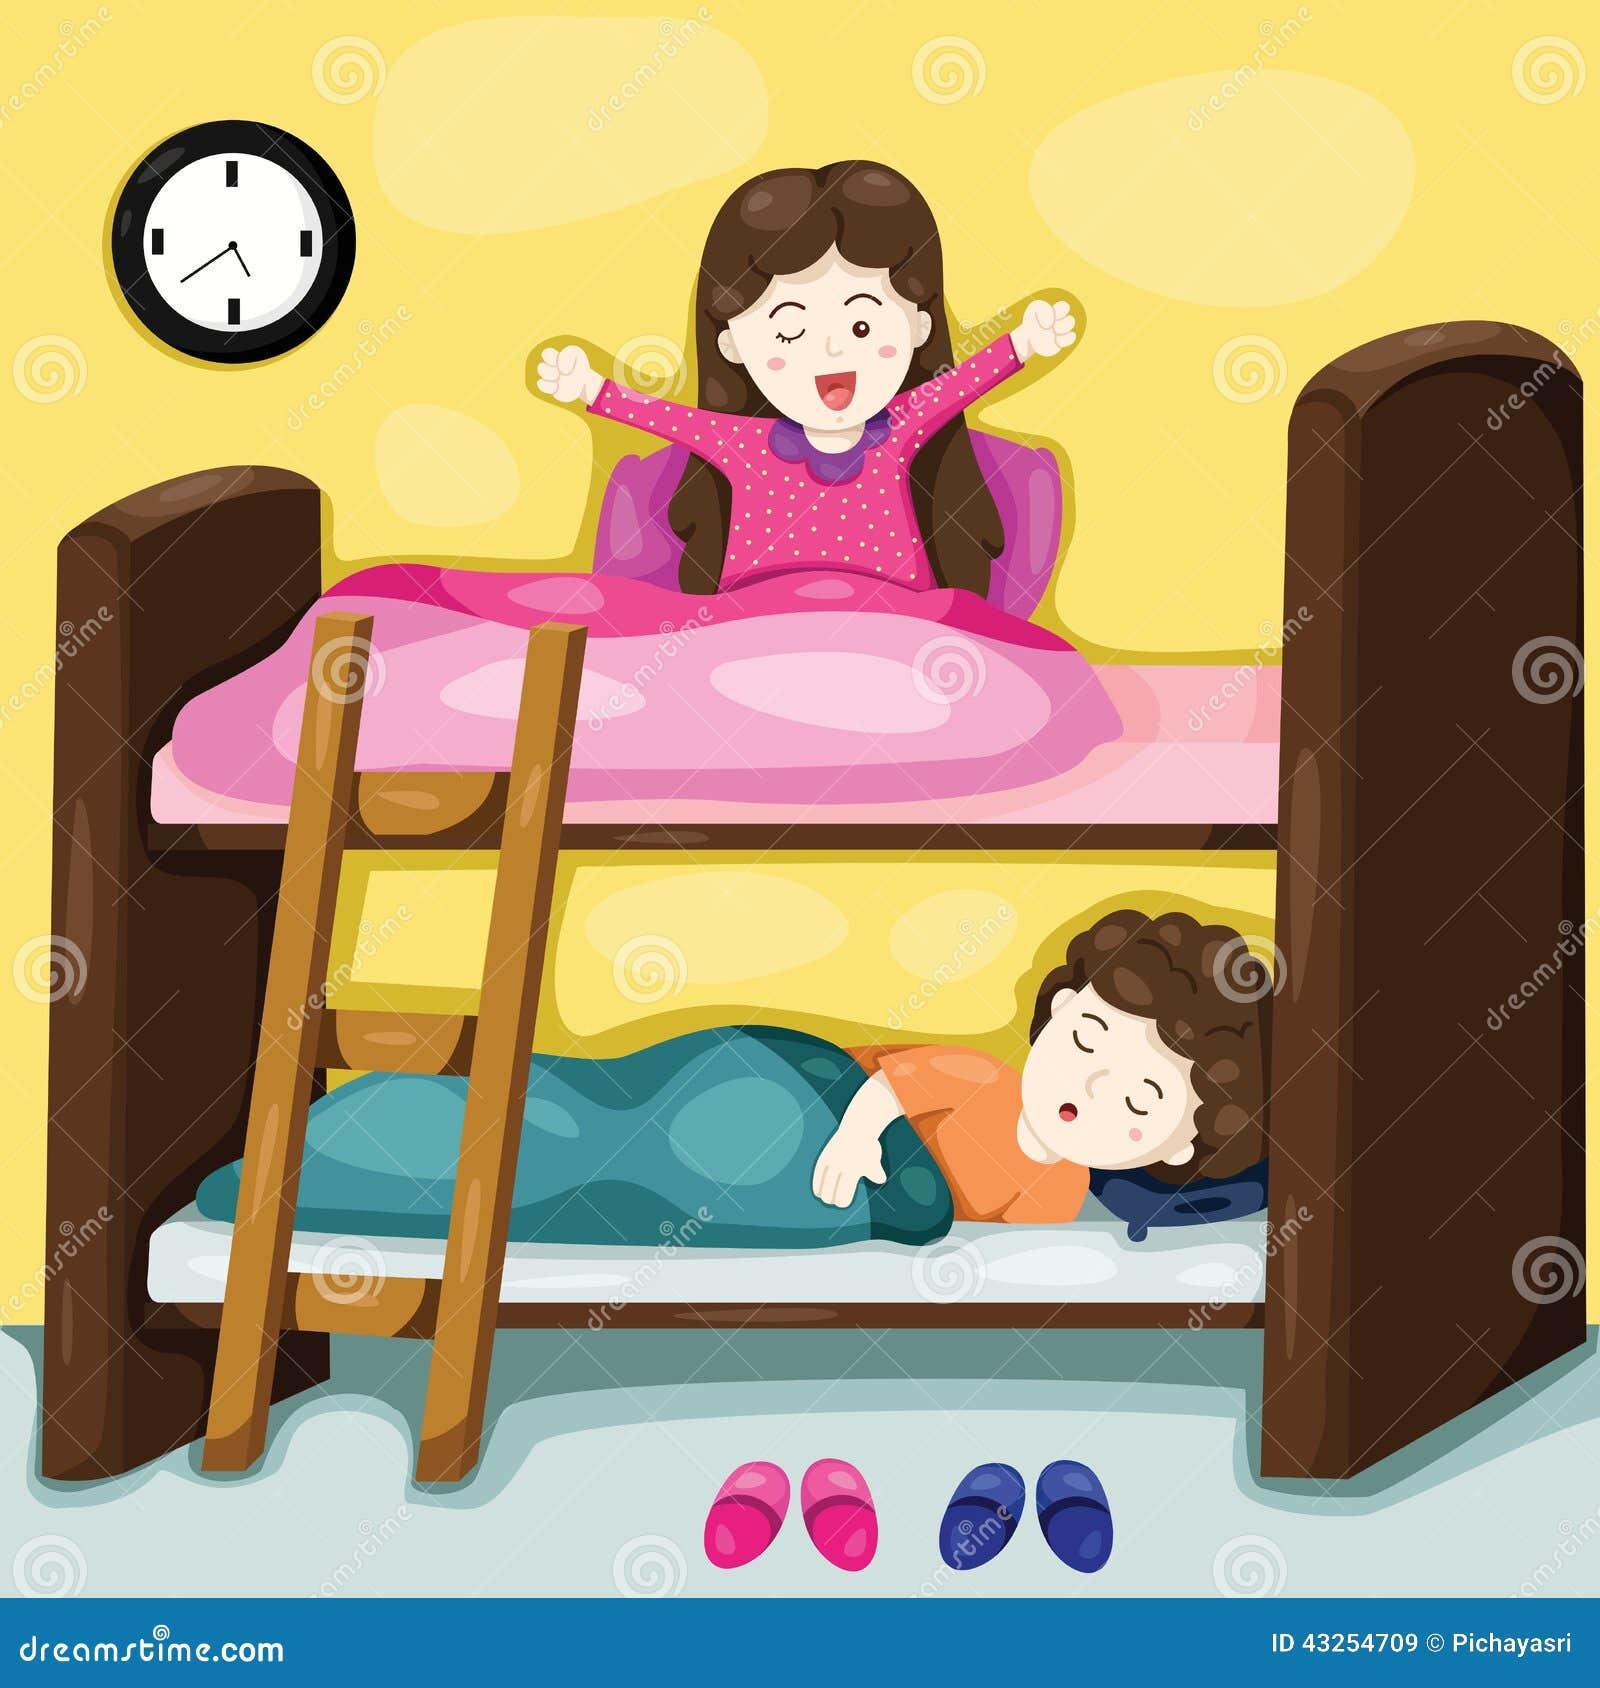 petits enfants sur le lit superpos illustration de vecteur image 43254709. Black Bedroom Furniture Sets. Home Design Ideas